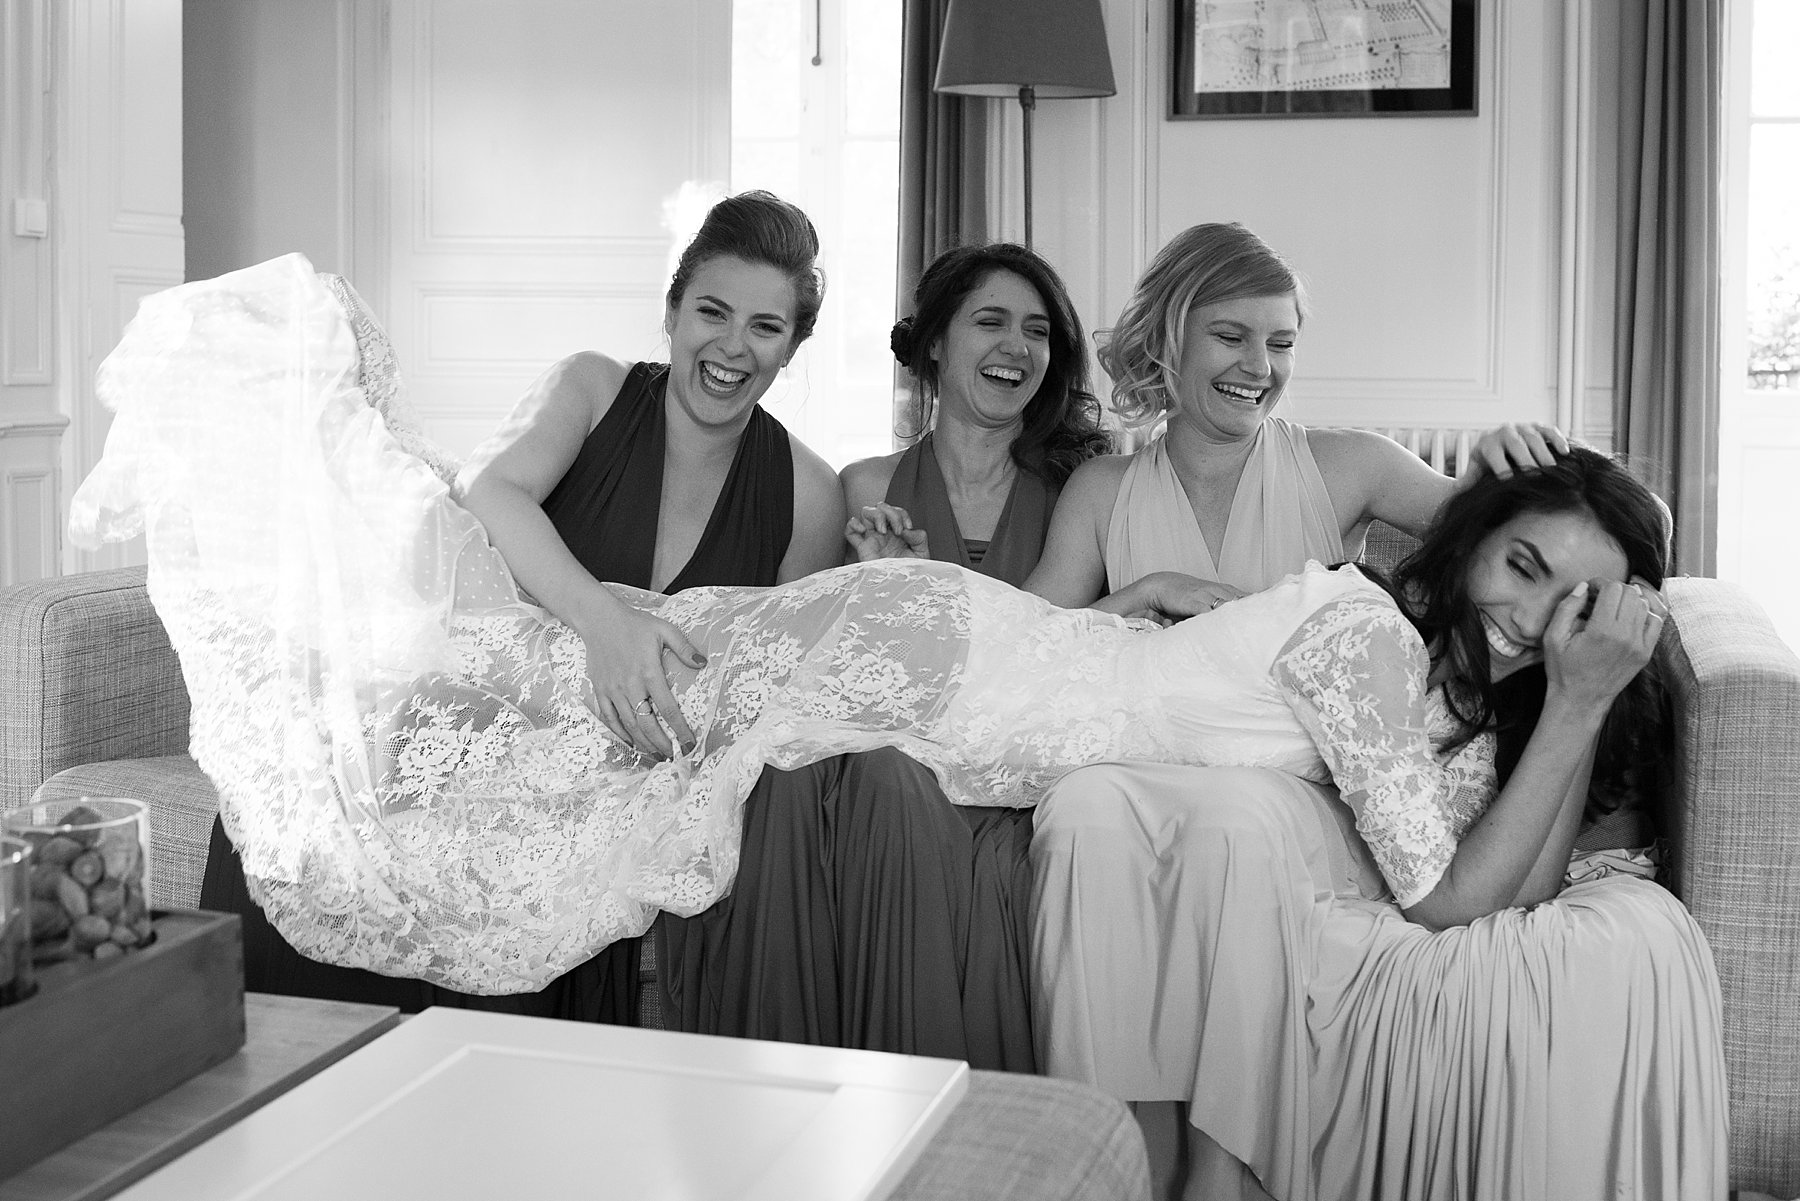 Séance photo de la mariée avec ses témoins après la cérémonie.